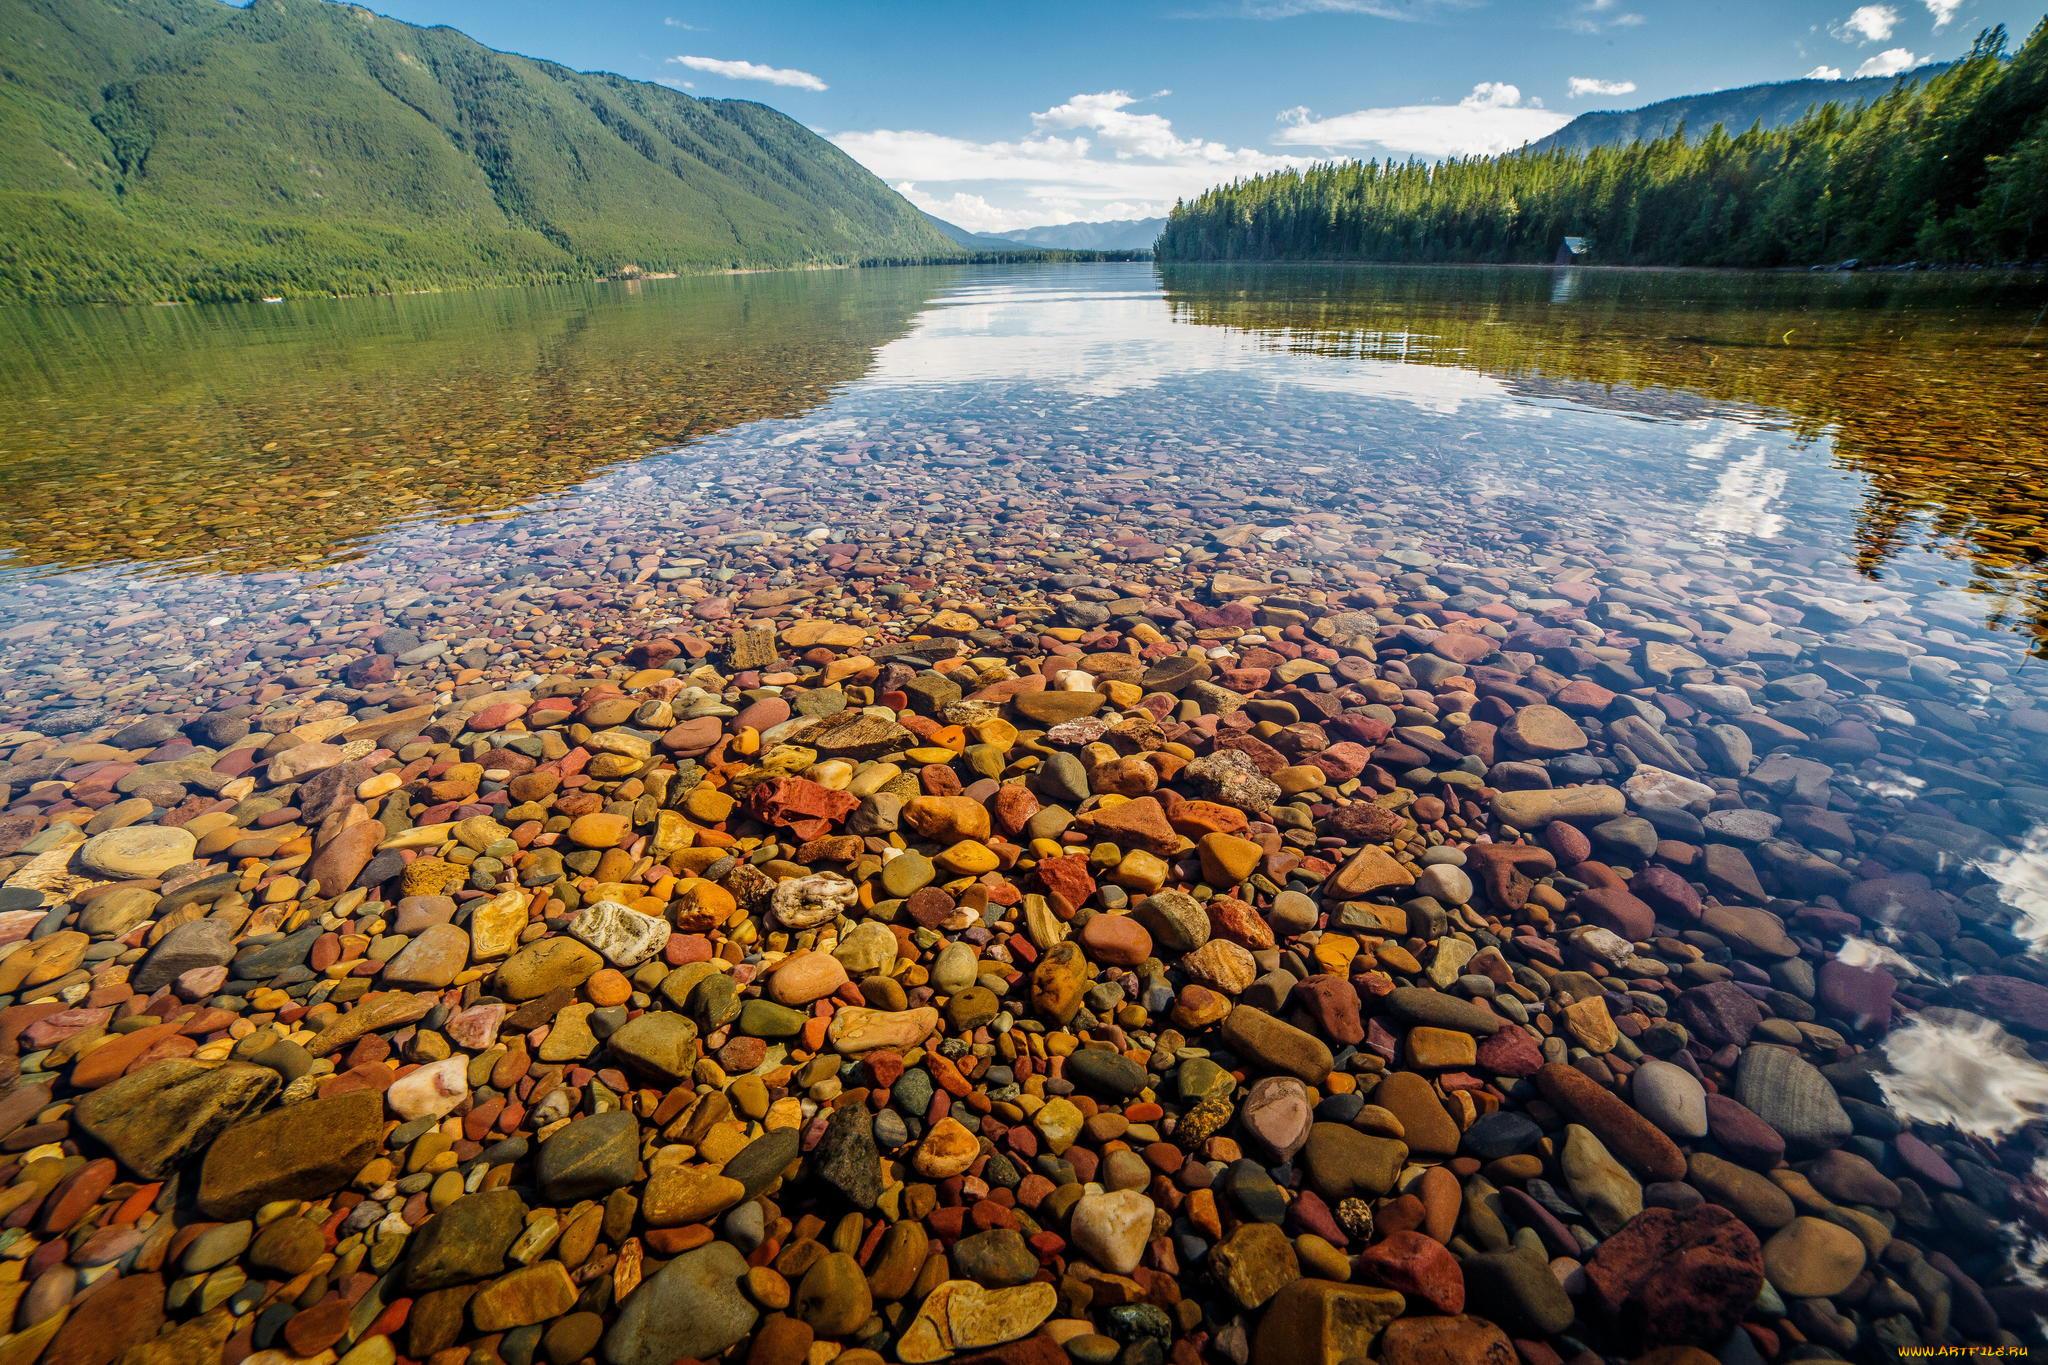 ней прозрачные реки и озера фото тому